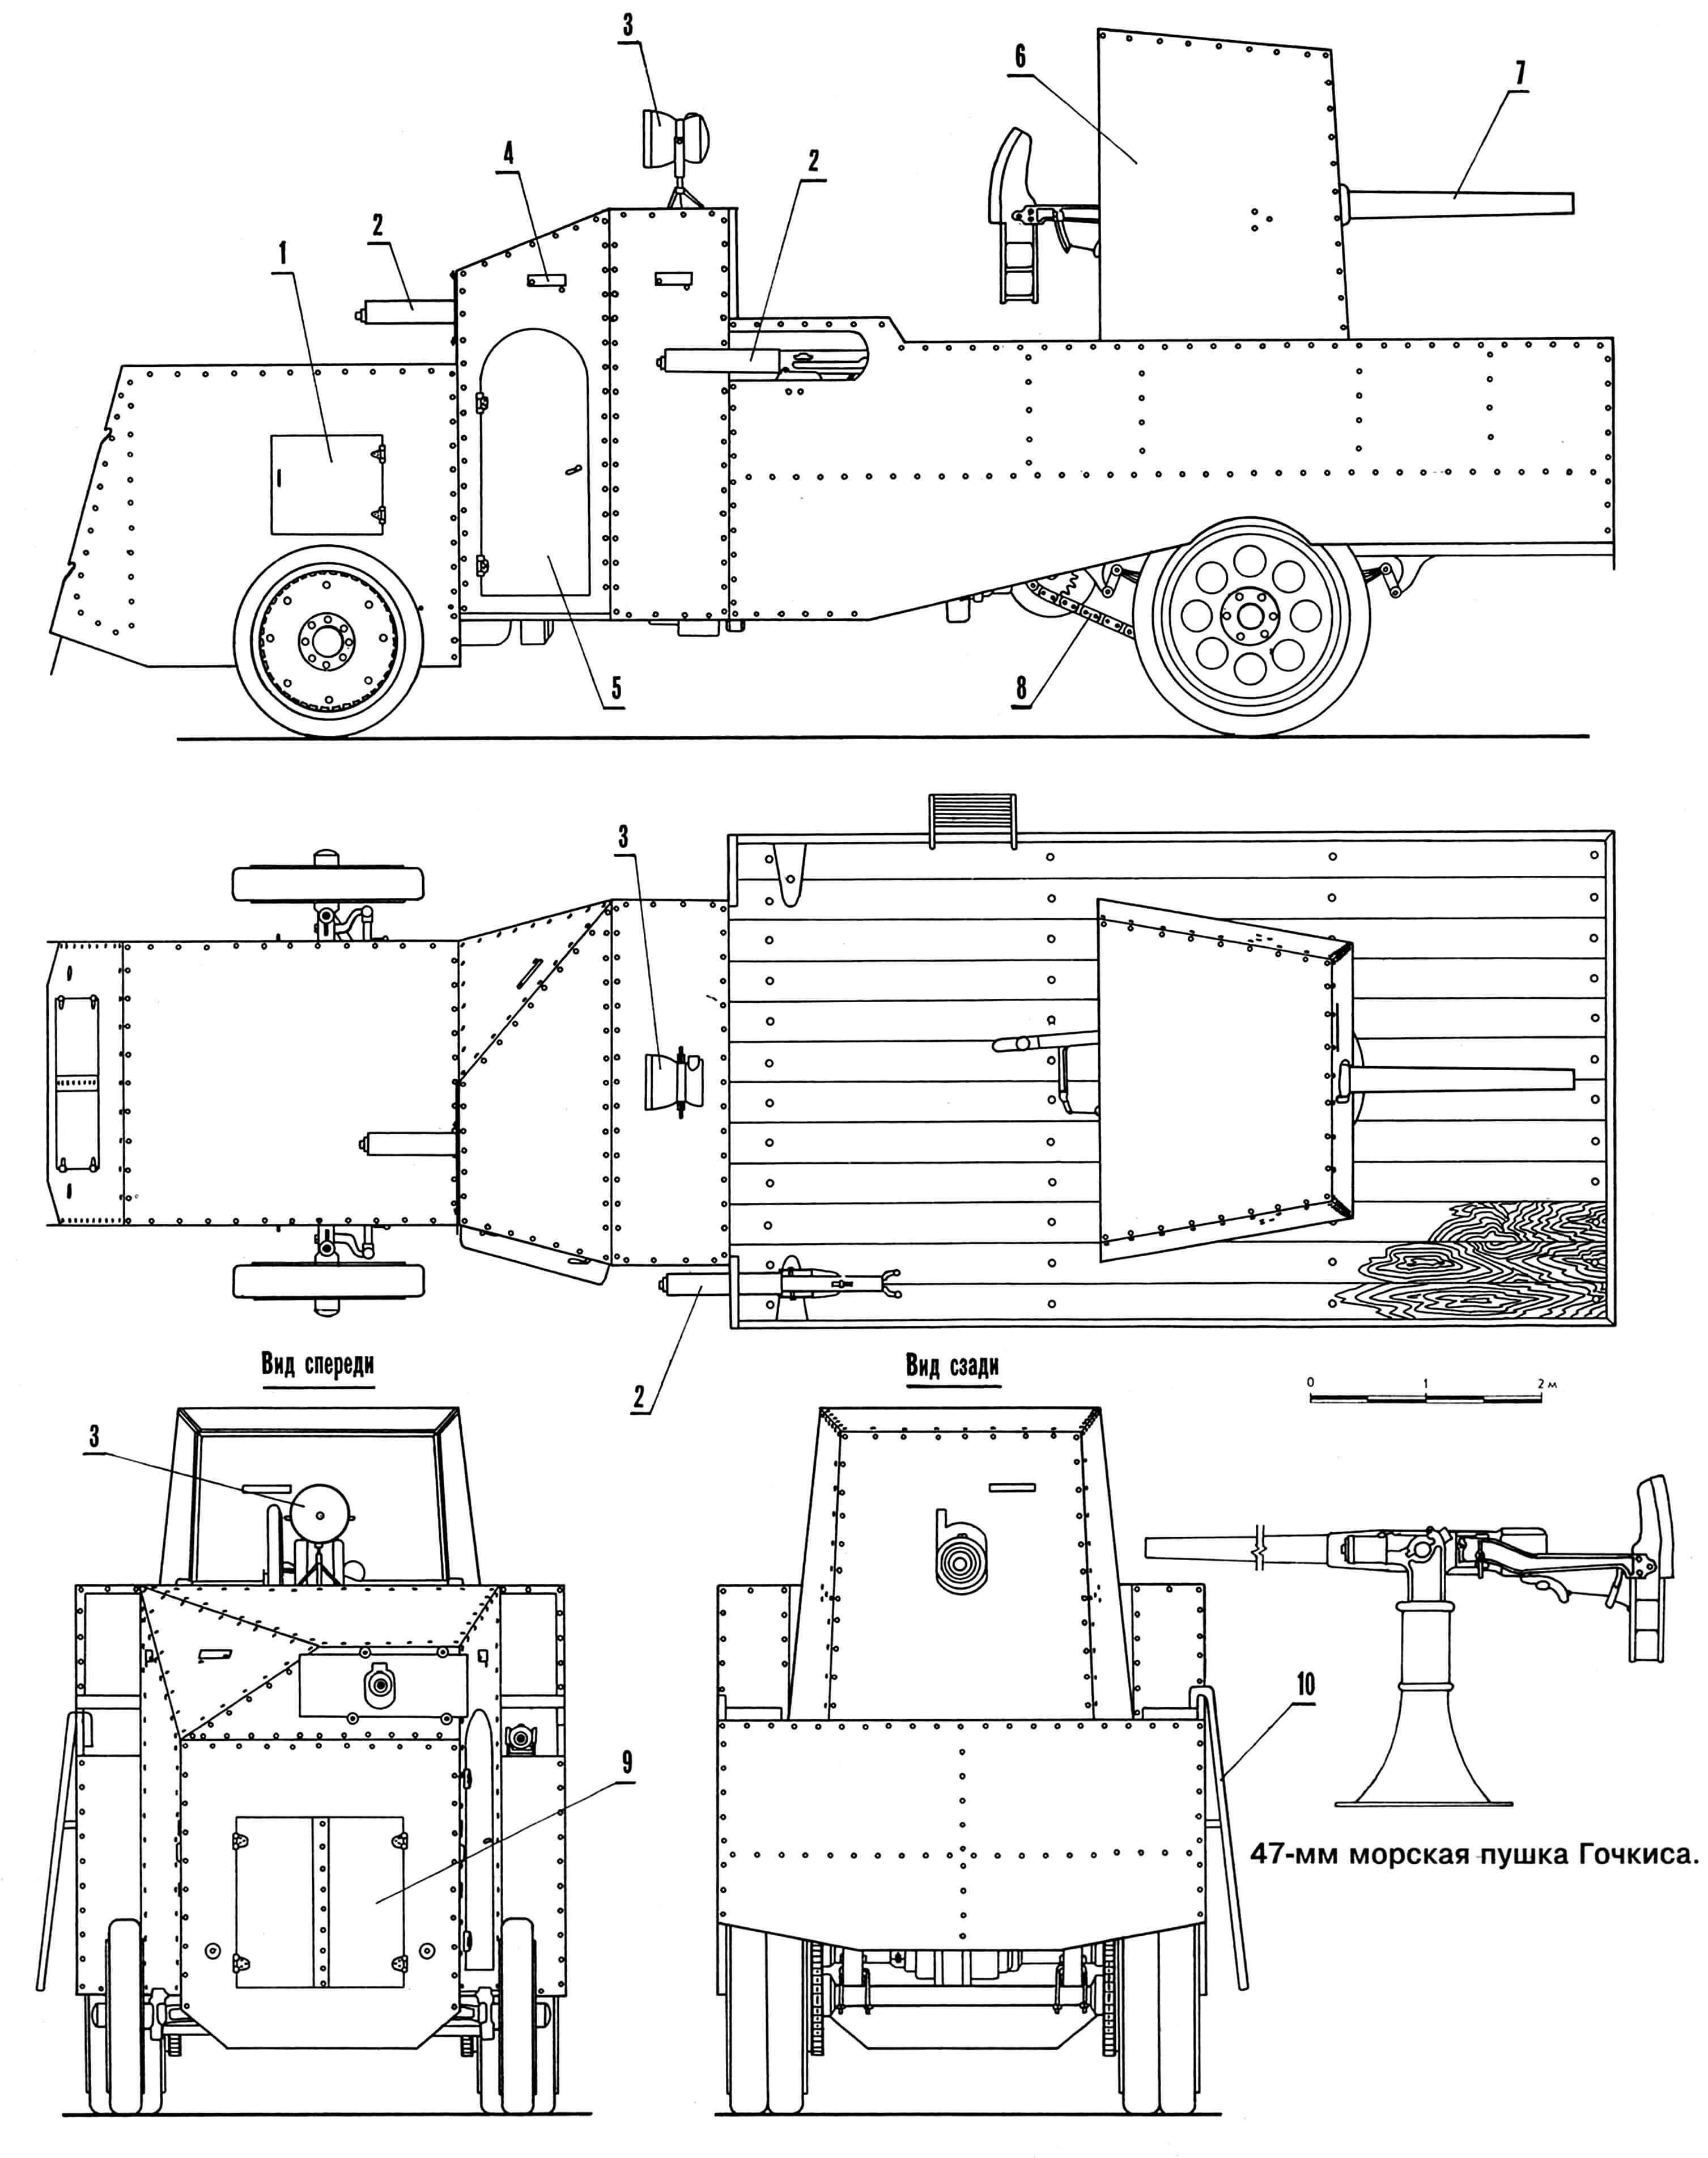 Бронеавтомобиль «Маннесман-Мулаг»: 1 — дверца люка для доступа к двигателю, 2 — пулемет Максима, 3 — прожектор, 4 — заслонка смотровой щели, 5 — дверь для посадки в кабину, 6 — броневое прикрытие пушки, 7 — 47-мм пушка Гочкиса, 8 — цепная передача, 9 — броневая крышка радиатора, 10 — лестница для посадки экипажа в кузов.